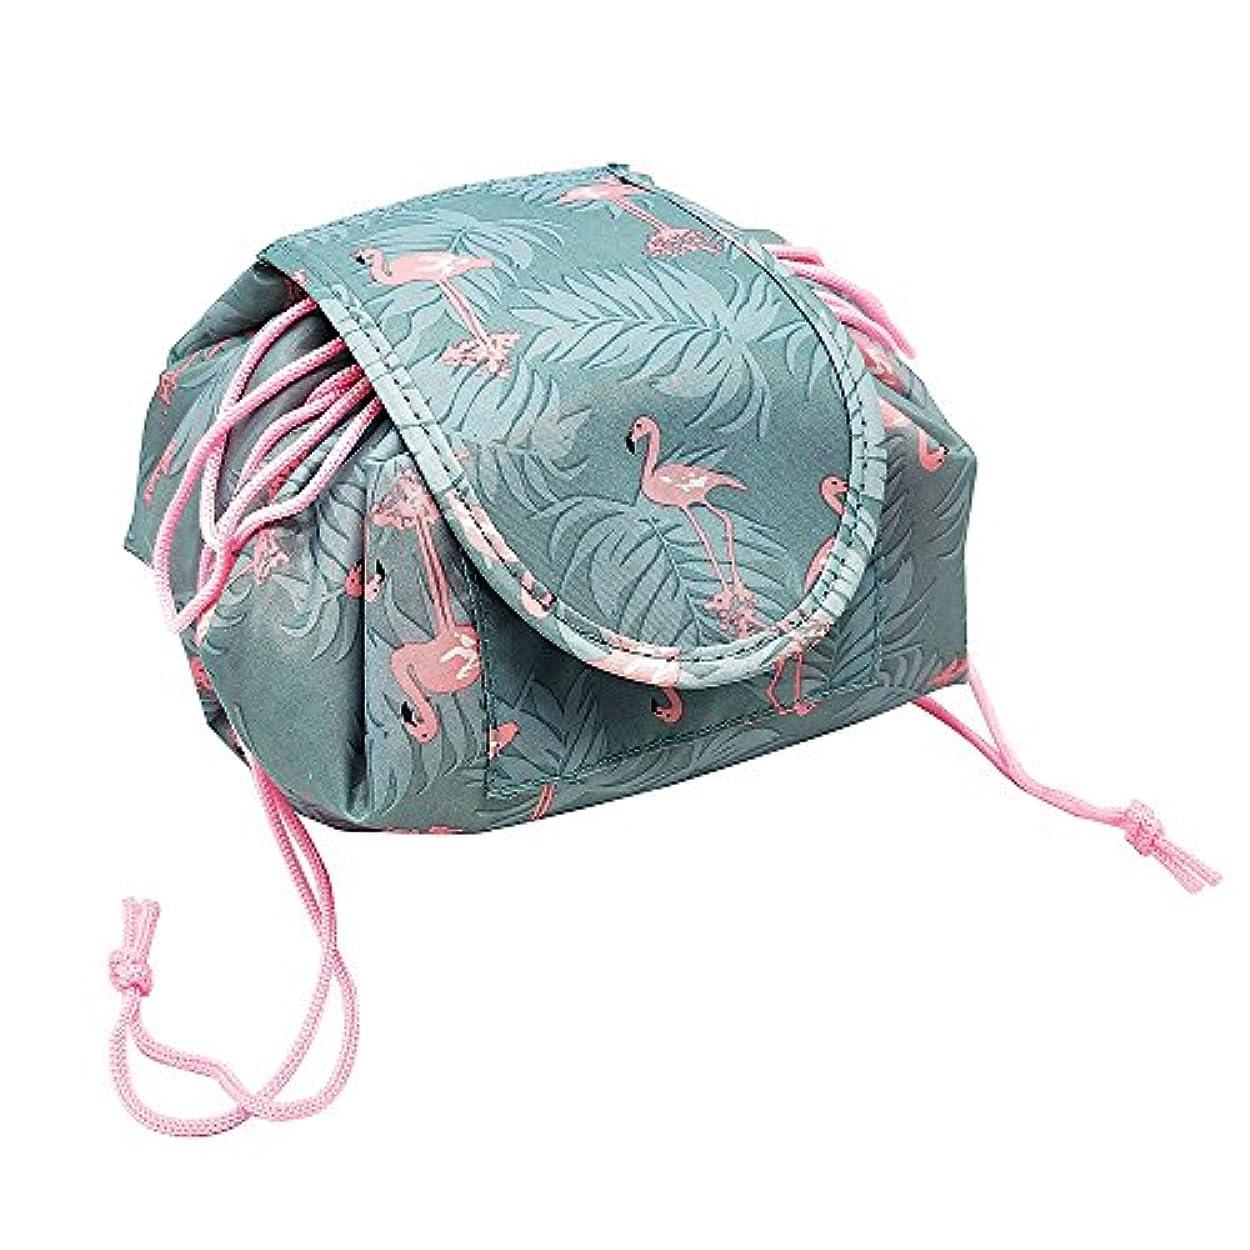 プラットフォーム癌海峡YOE(ヨイ) 化粧ポーチ 巾着型 メイクポーチ 化粧品収納 ボックス メイクバッグ コスメ収納 ポーチ レディース (フリーサイズ, フラミンゴ)